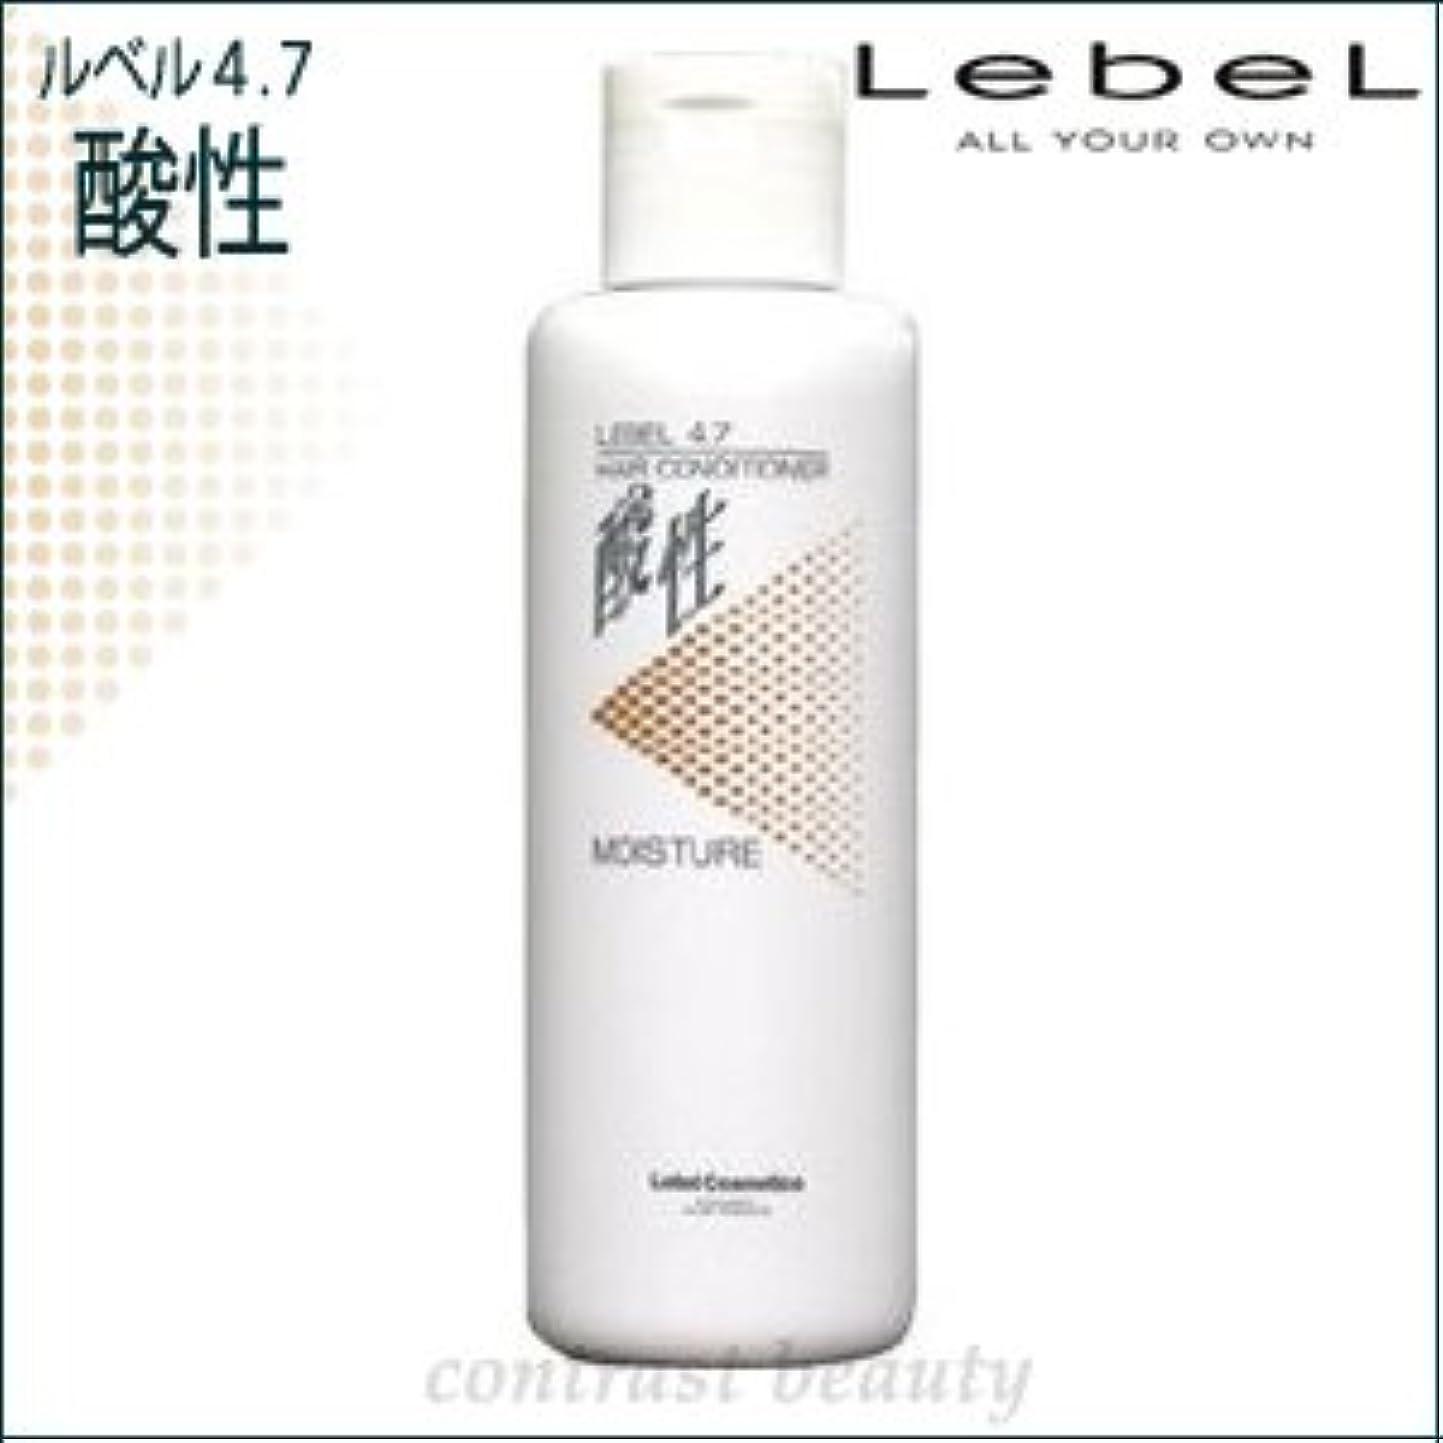 酸っぱいスペルオーストラリア【X2個セット】 ルベル/LebeL 4.7酸性 モイスチャーコンディショナー 250ml